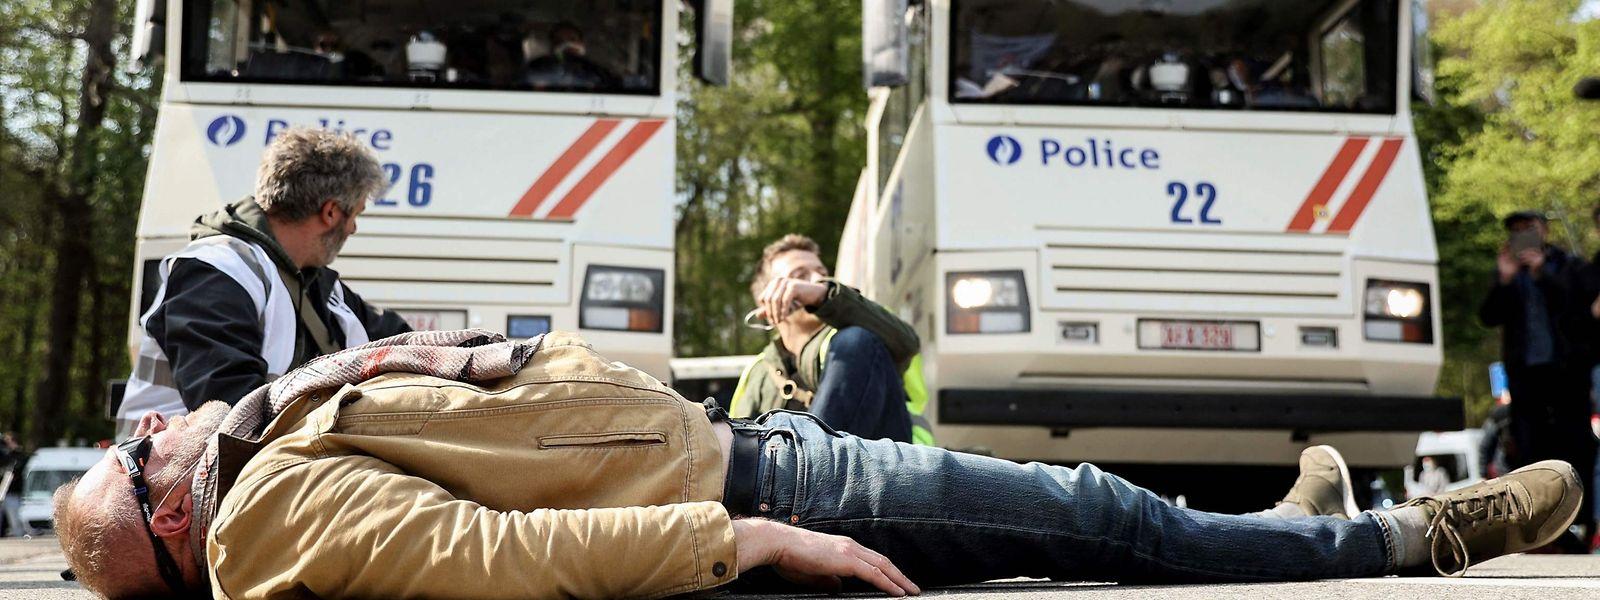 La contestation n'est pas seulement dans la rue, la scène politique s'agite autour de la sortie de crise en Belgique.